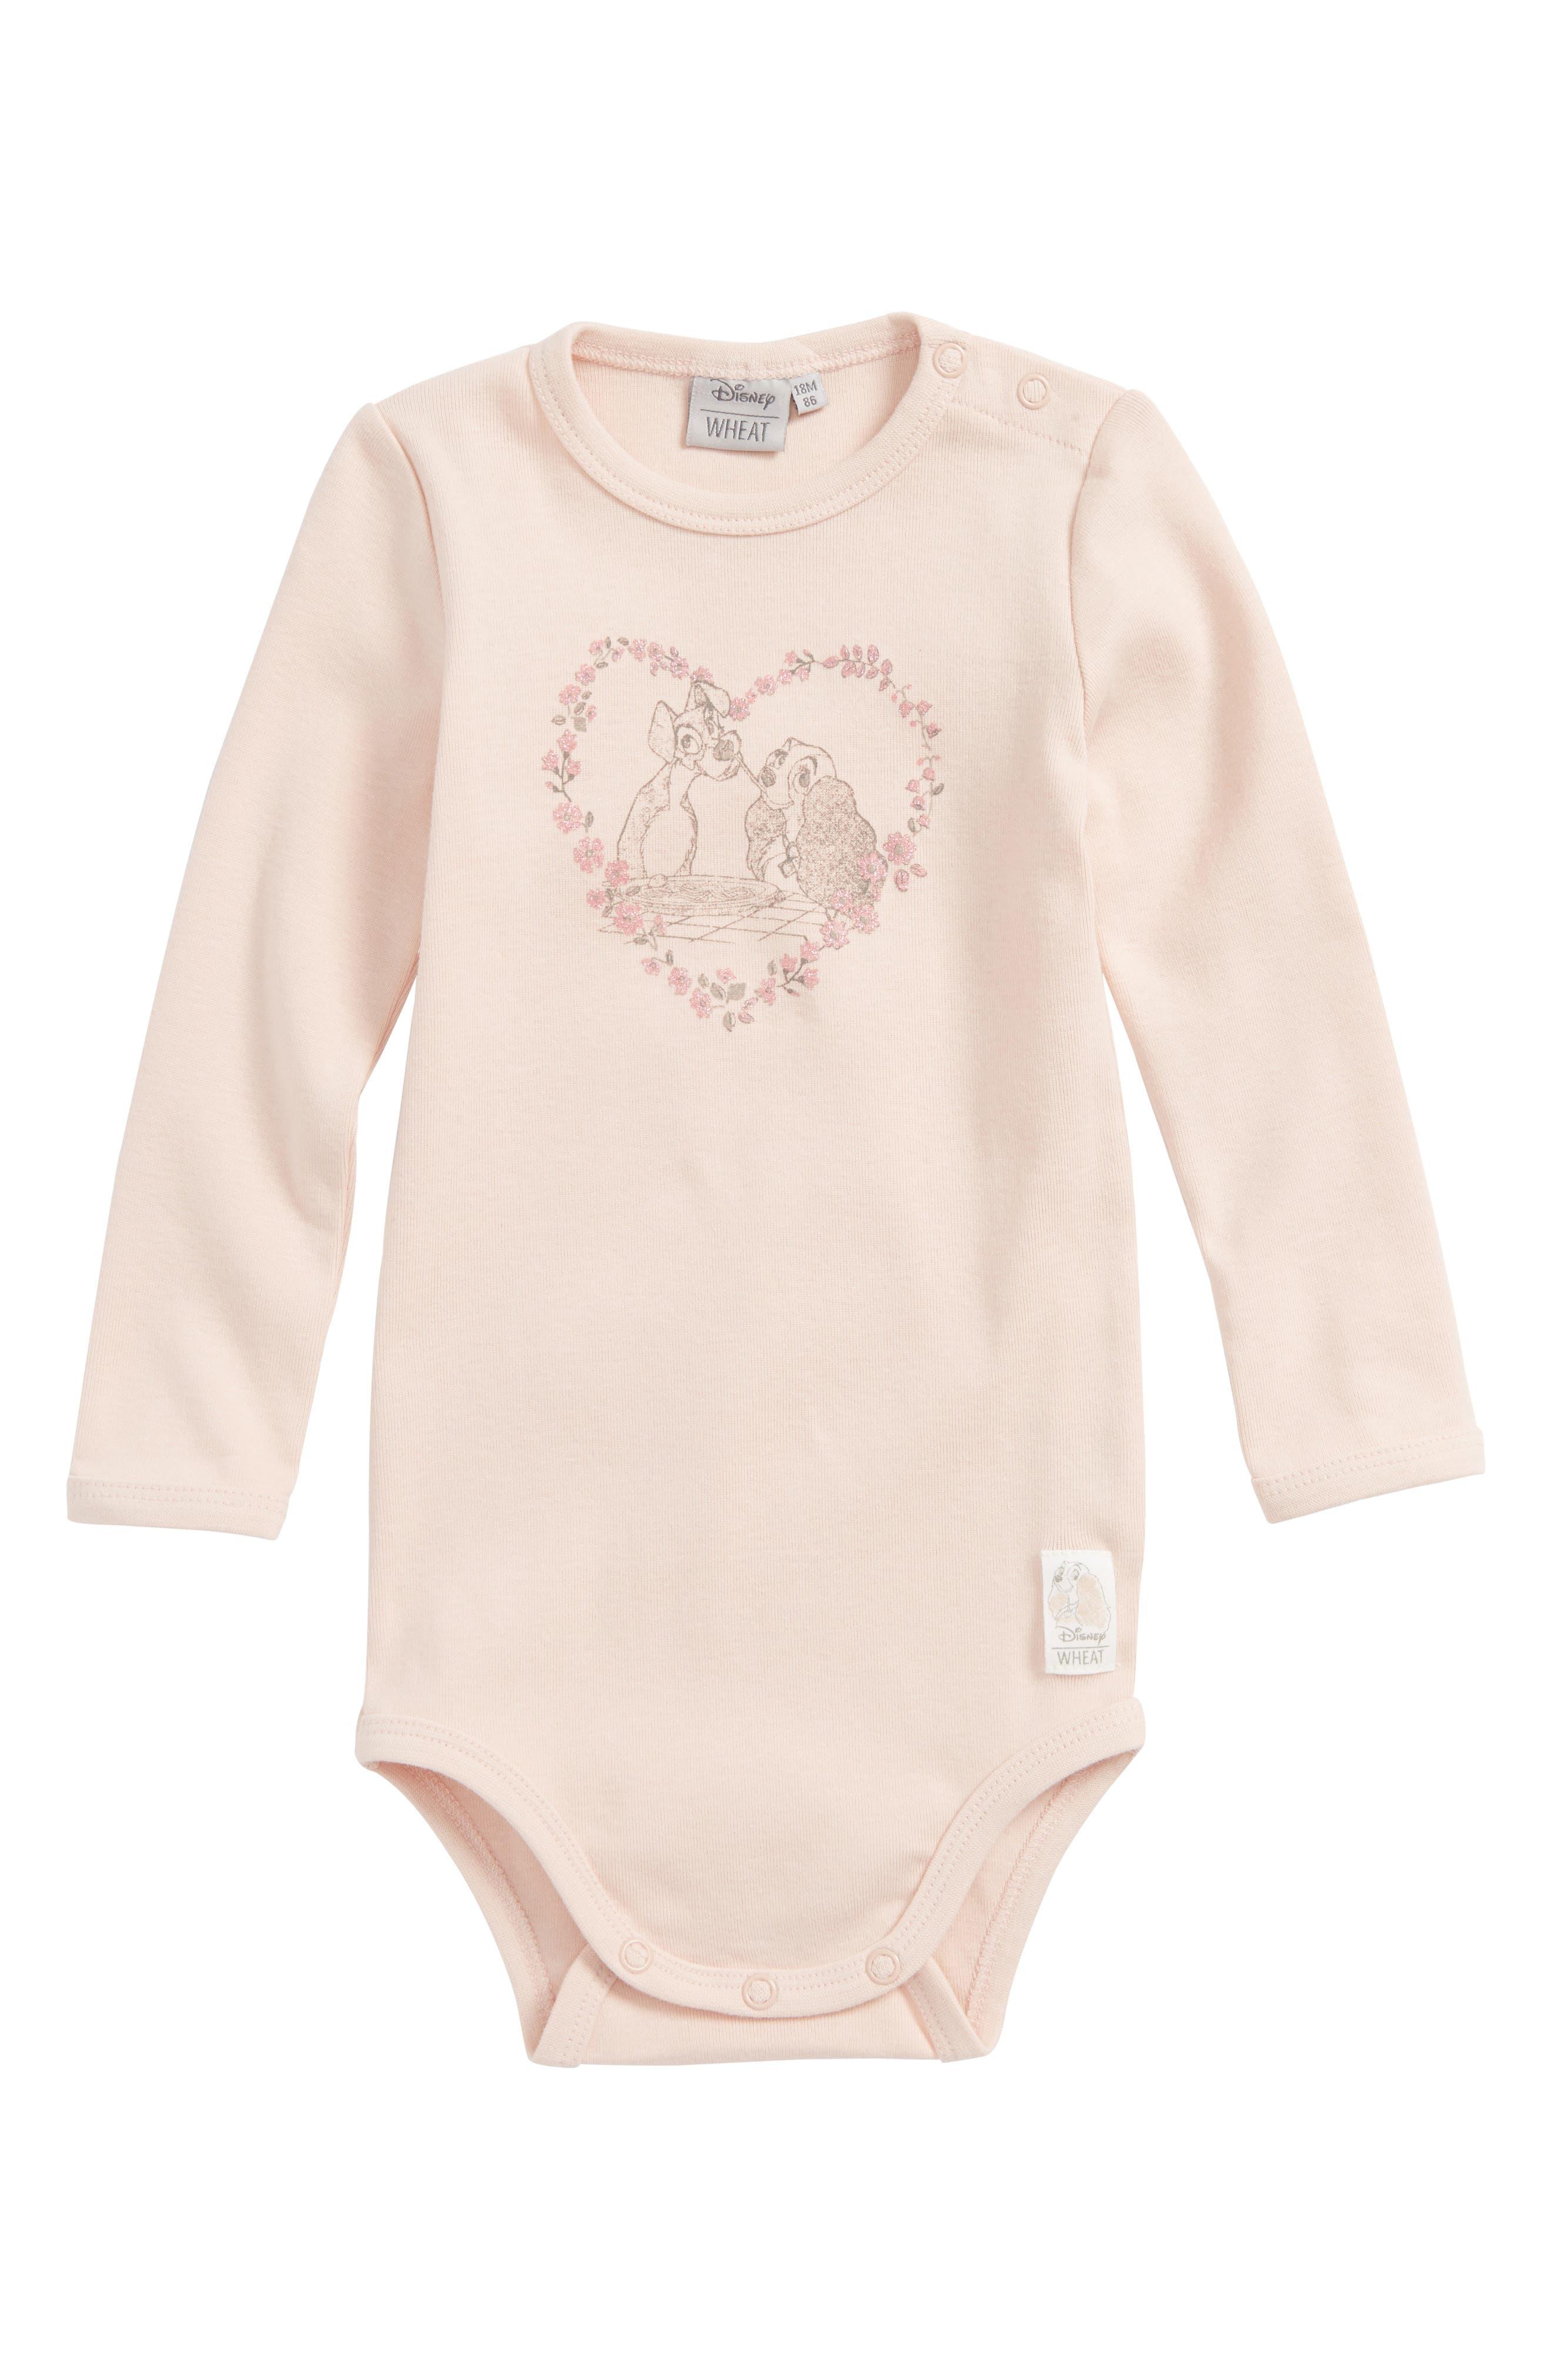 Main Image - Wheat Disney 'Lady & the Tramp' Organic Cotton Bodysuit (Baby Girls & Toddler Girls)